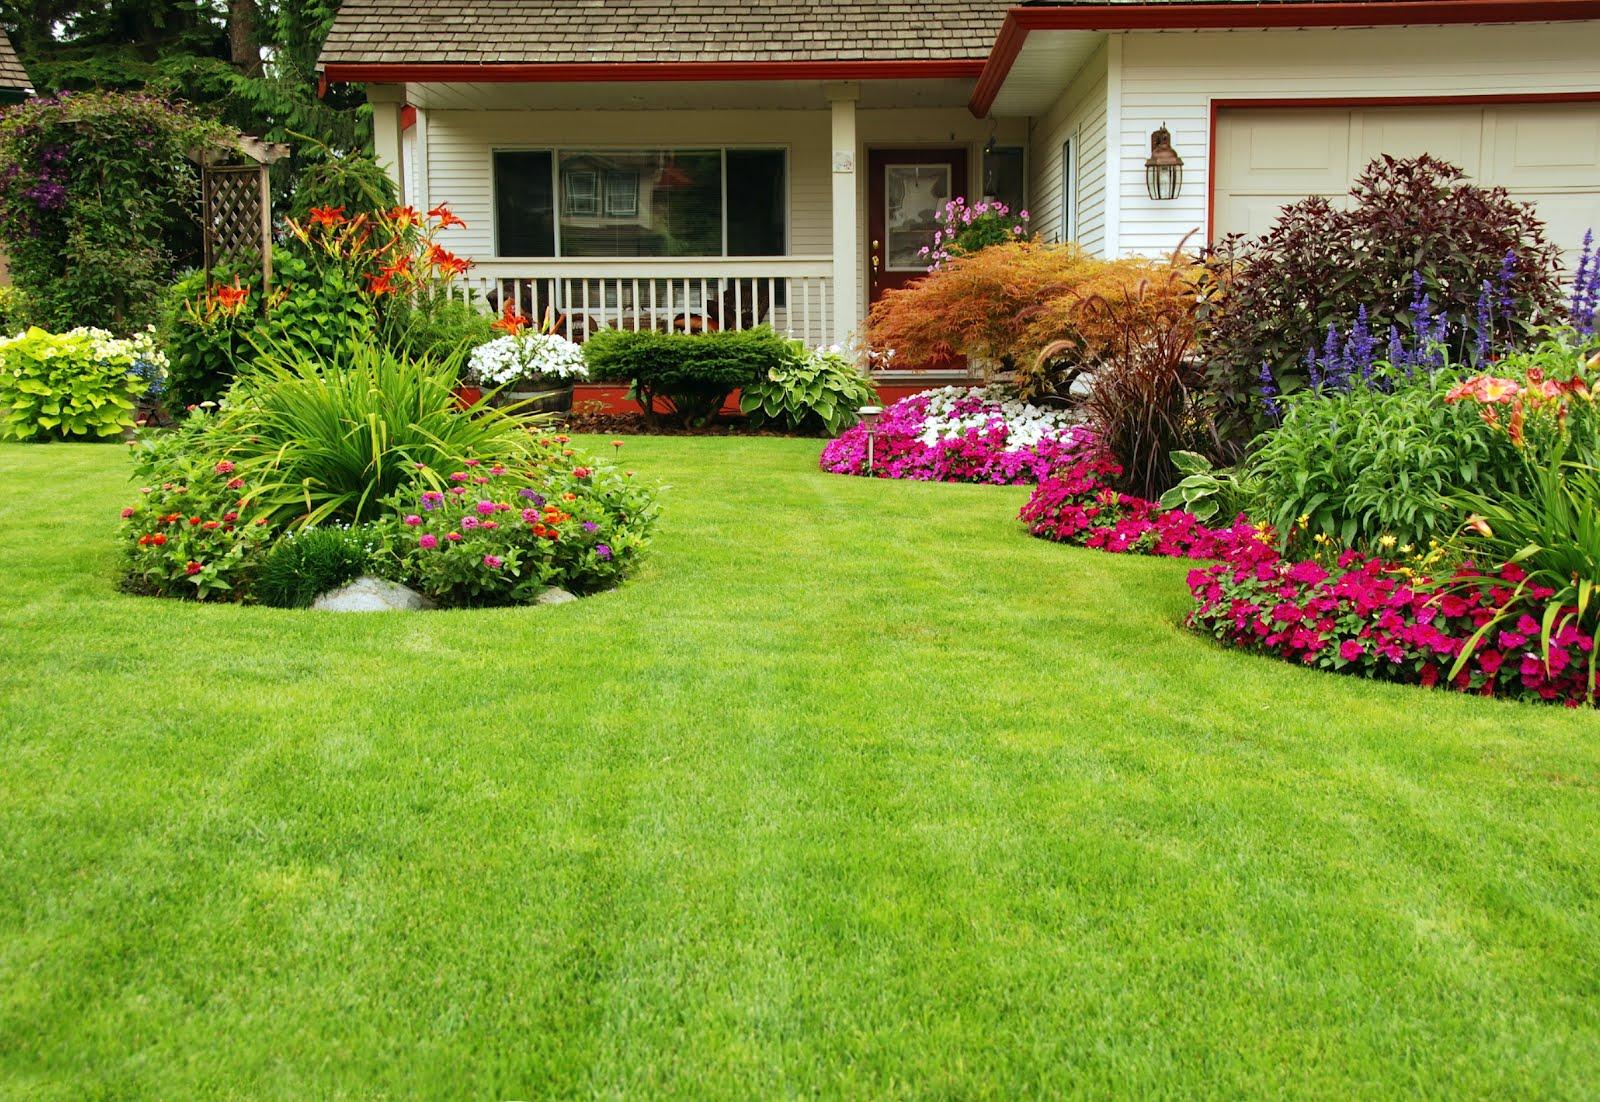 Arte y jardiner a dise o de jardines con arbustos for Diseno jardines